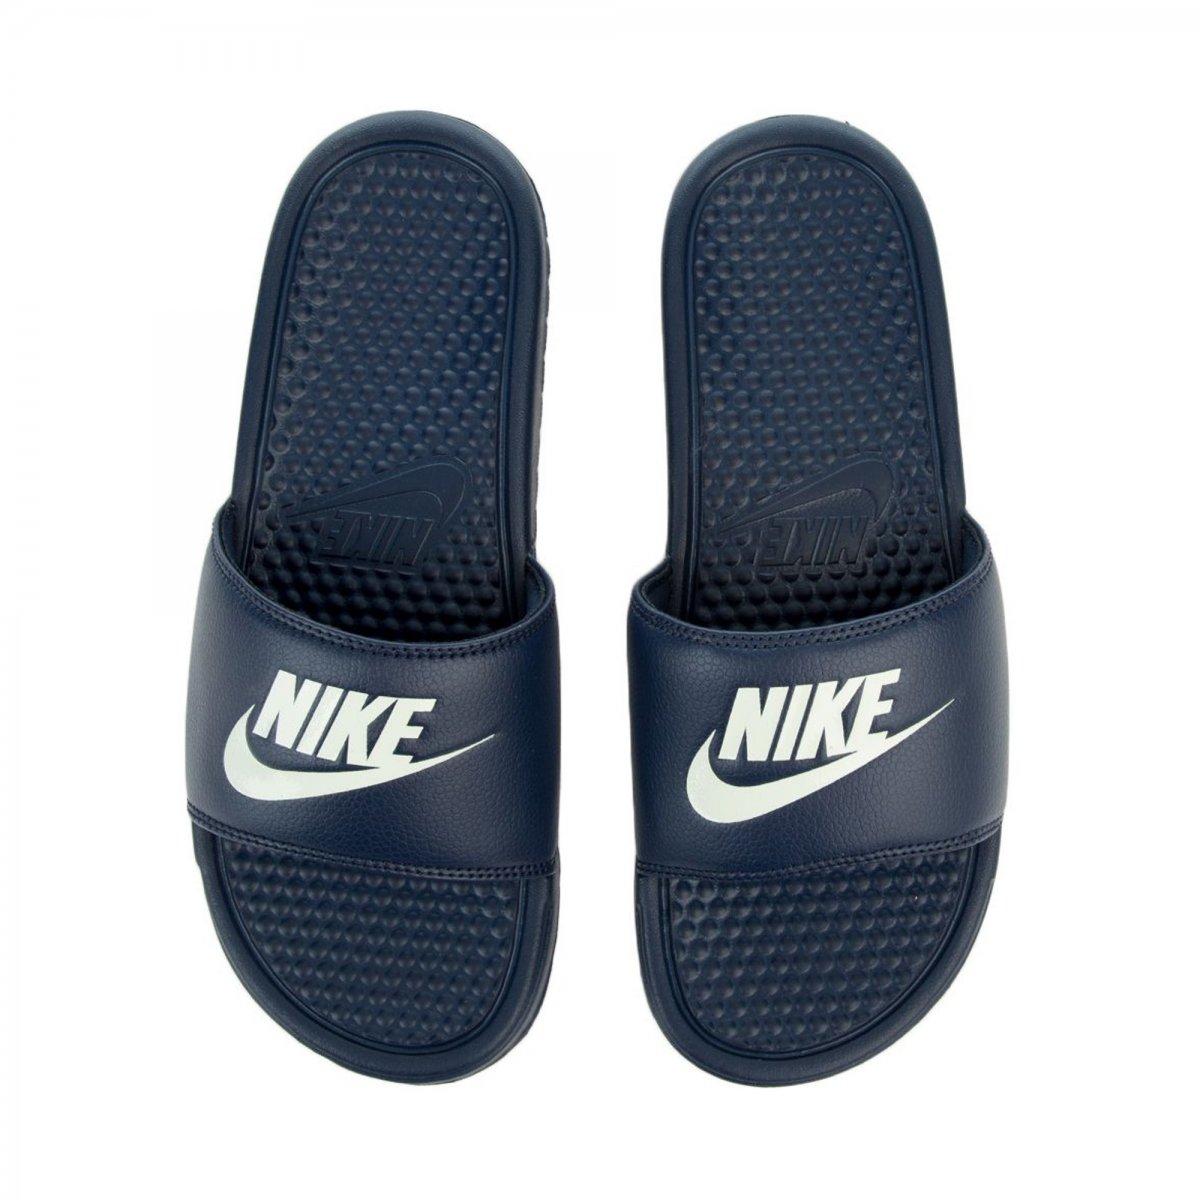 Sandália Nike Benassi Just Do It Masculino  27d9aaff1f9